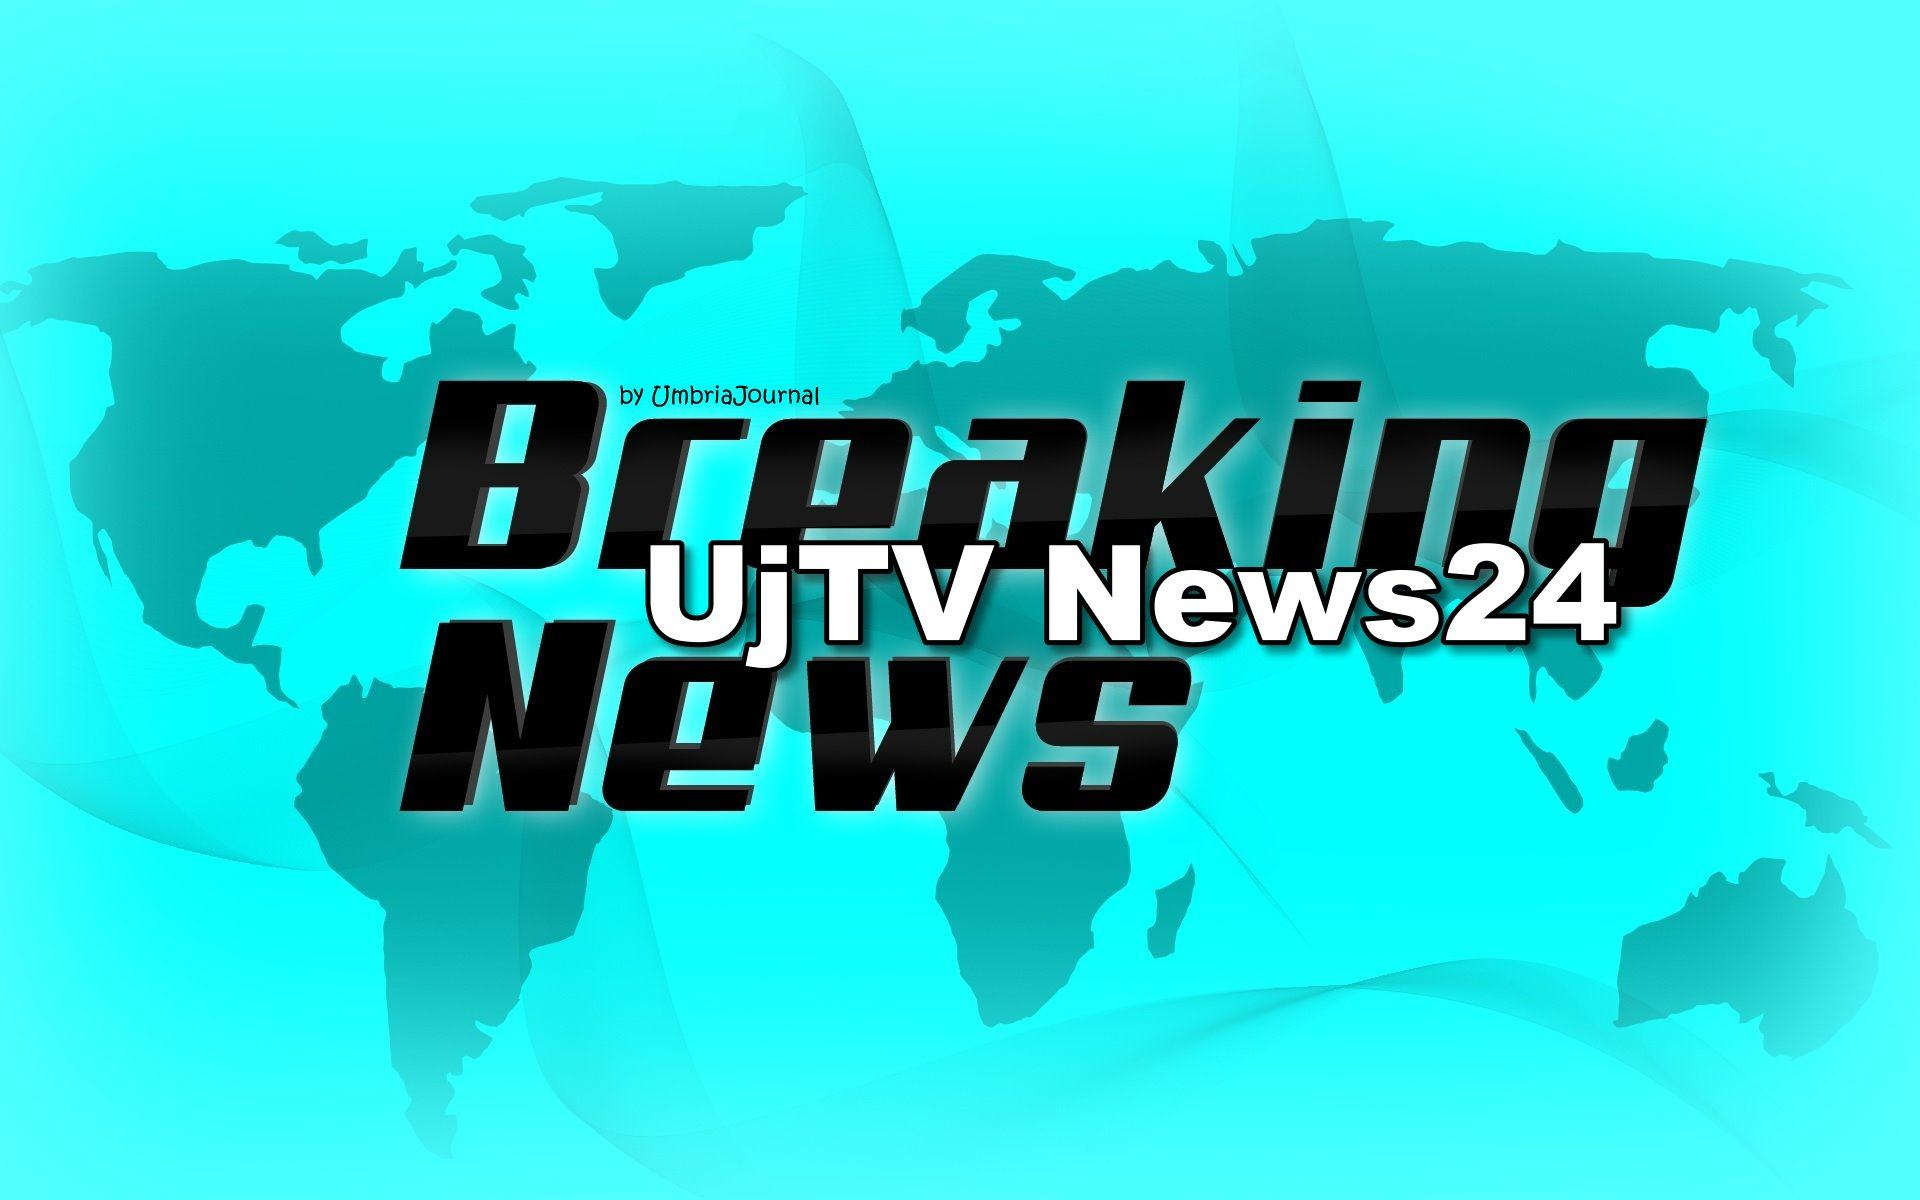 TG edizione della sera 18 luglio 2019 telegiornale dell'Umbria UjTV News24 LIVE